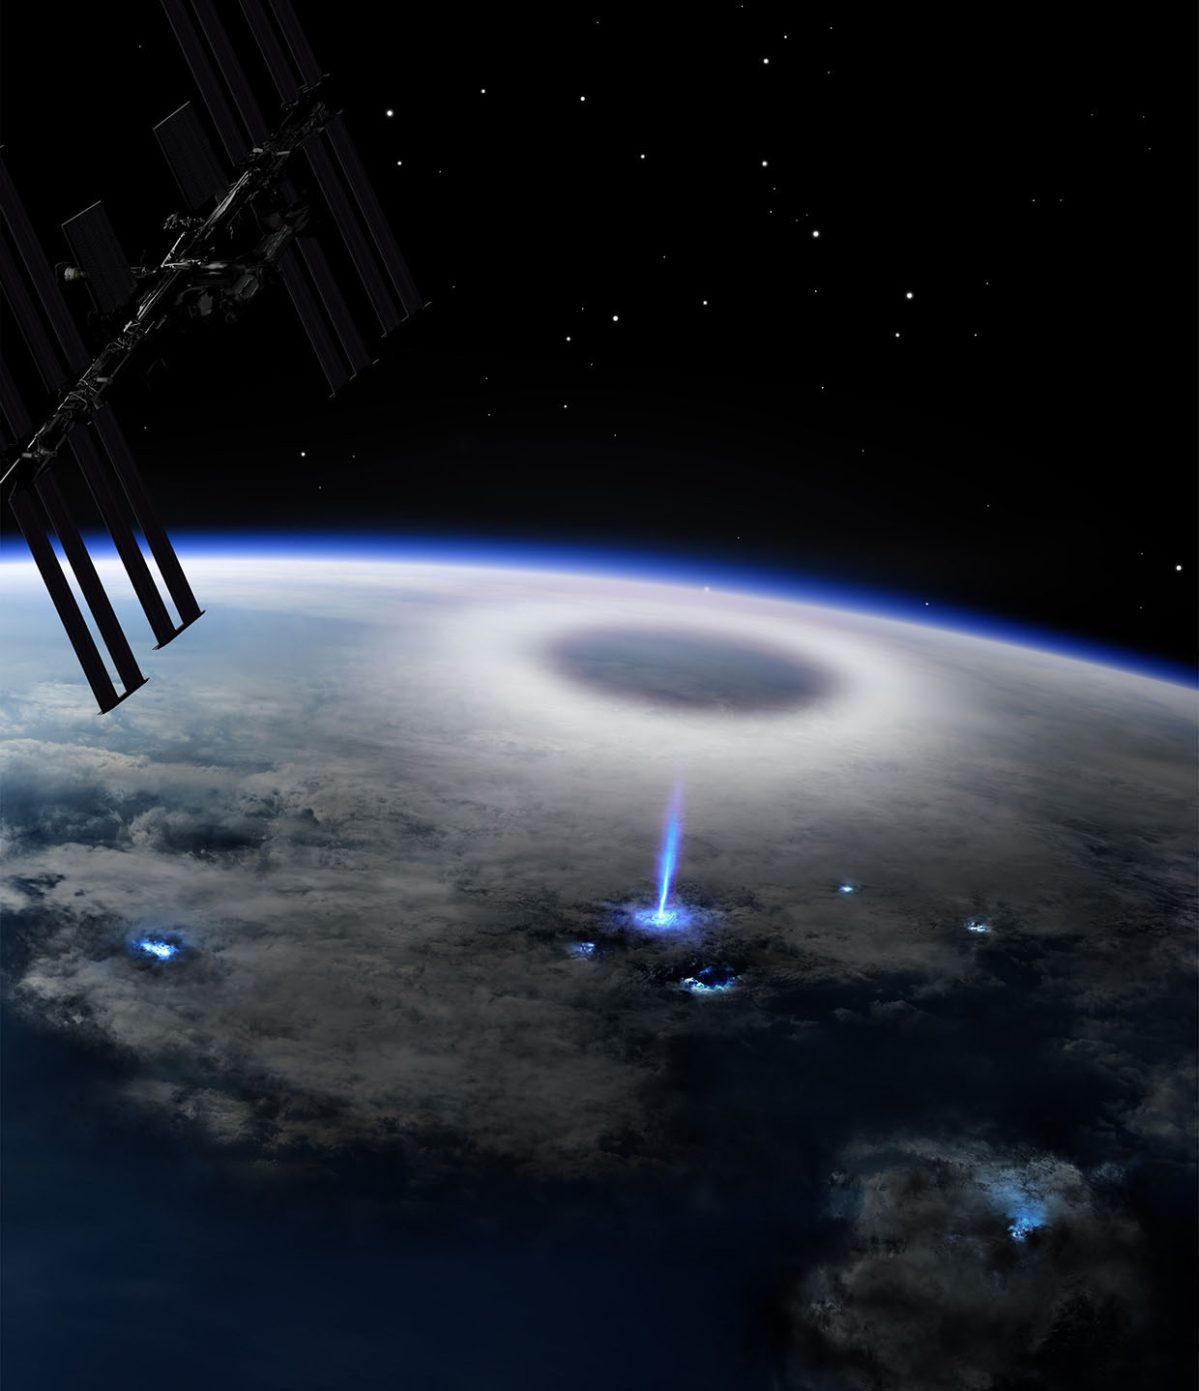 Científicos captan un rayo azul en la tierra desde el espacio